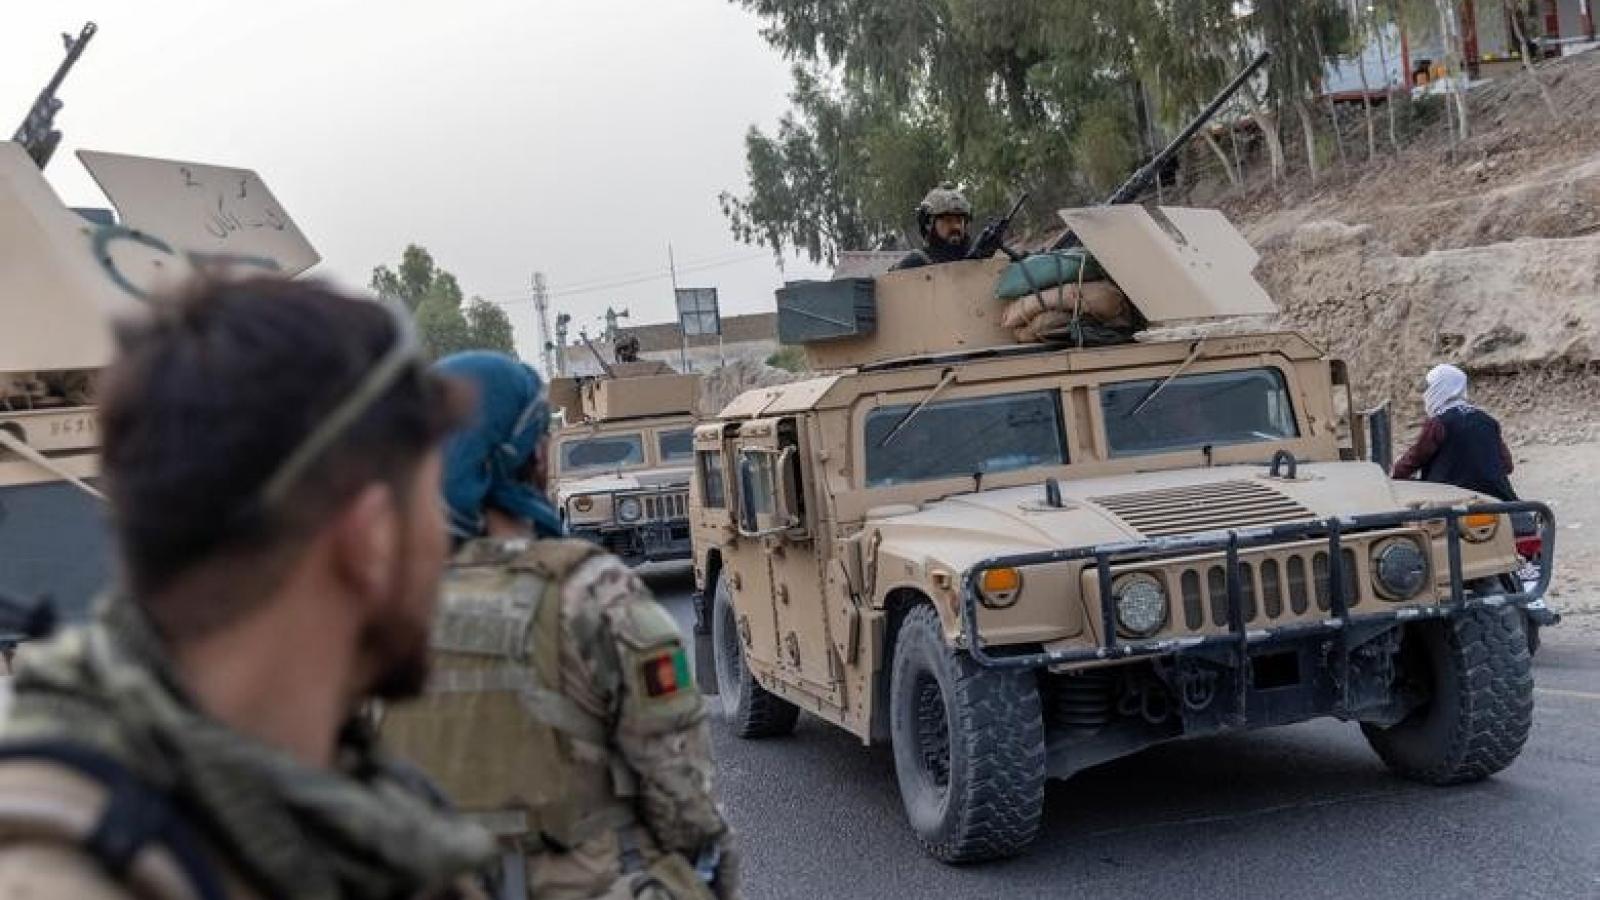 NATO khởi động chương trình huấn luyện Đặc nhiệm Afghanistan ở Thổ Nhĩ Kỳ